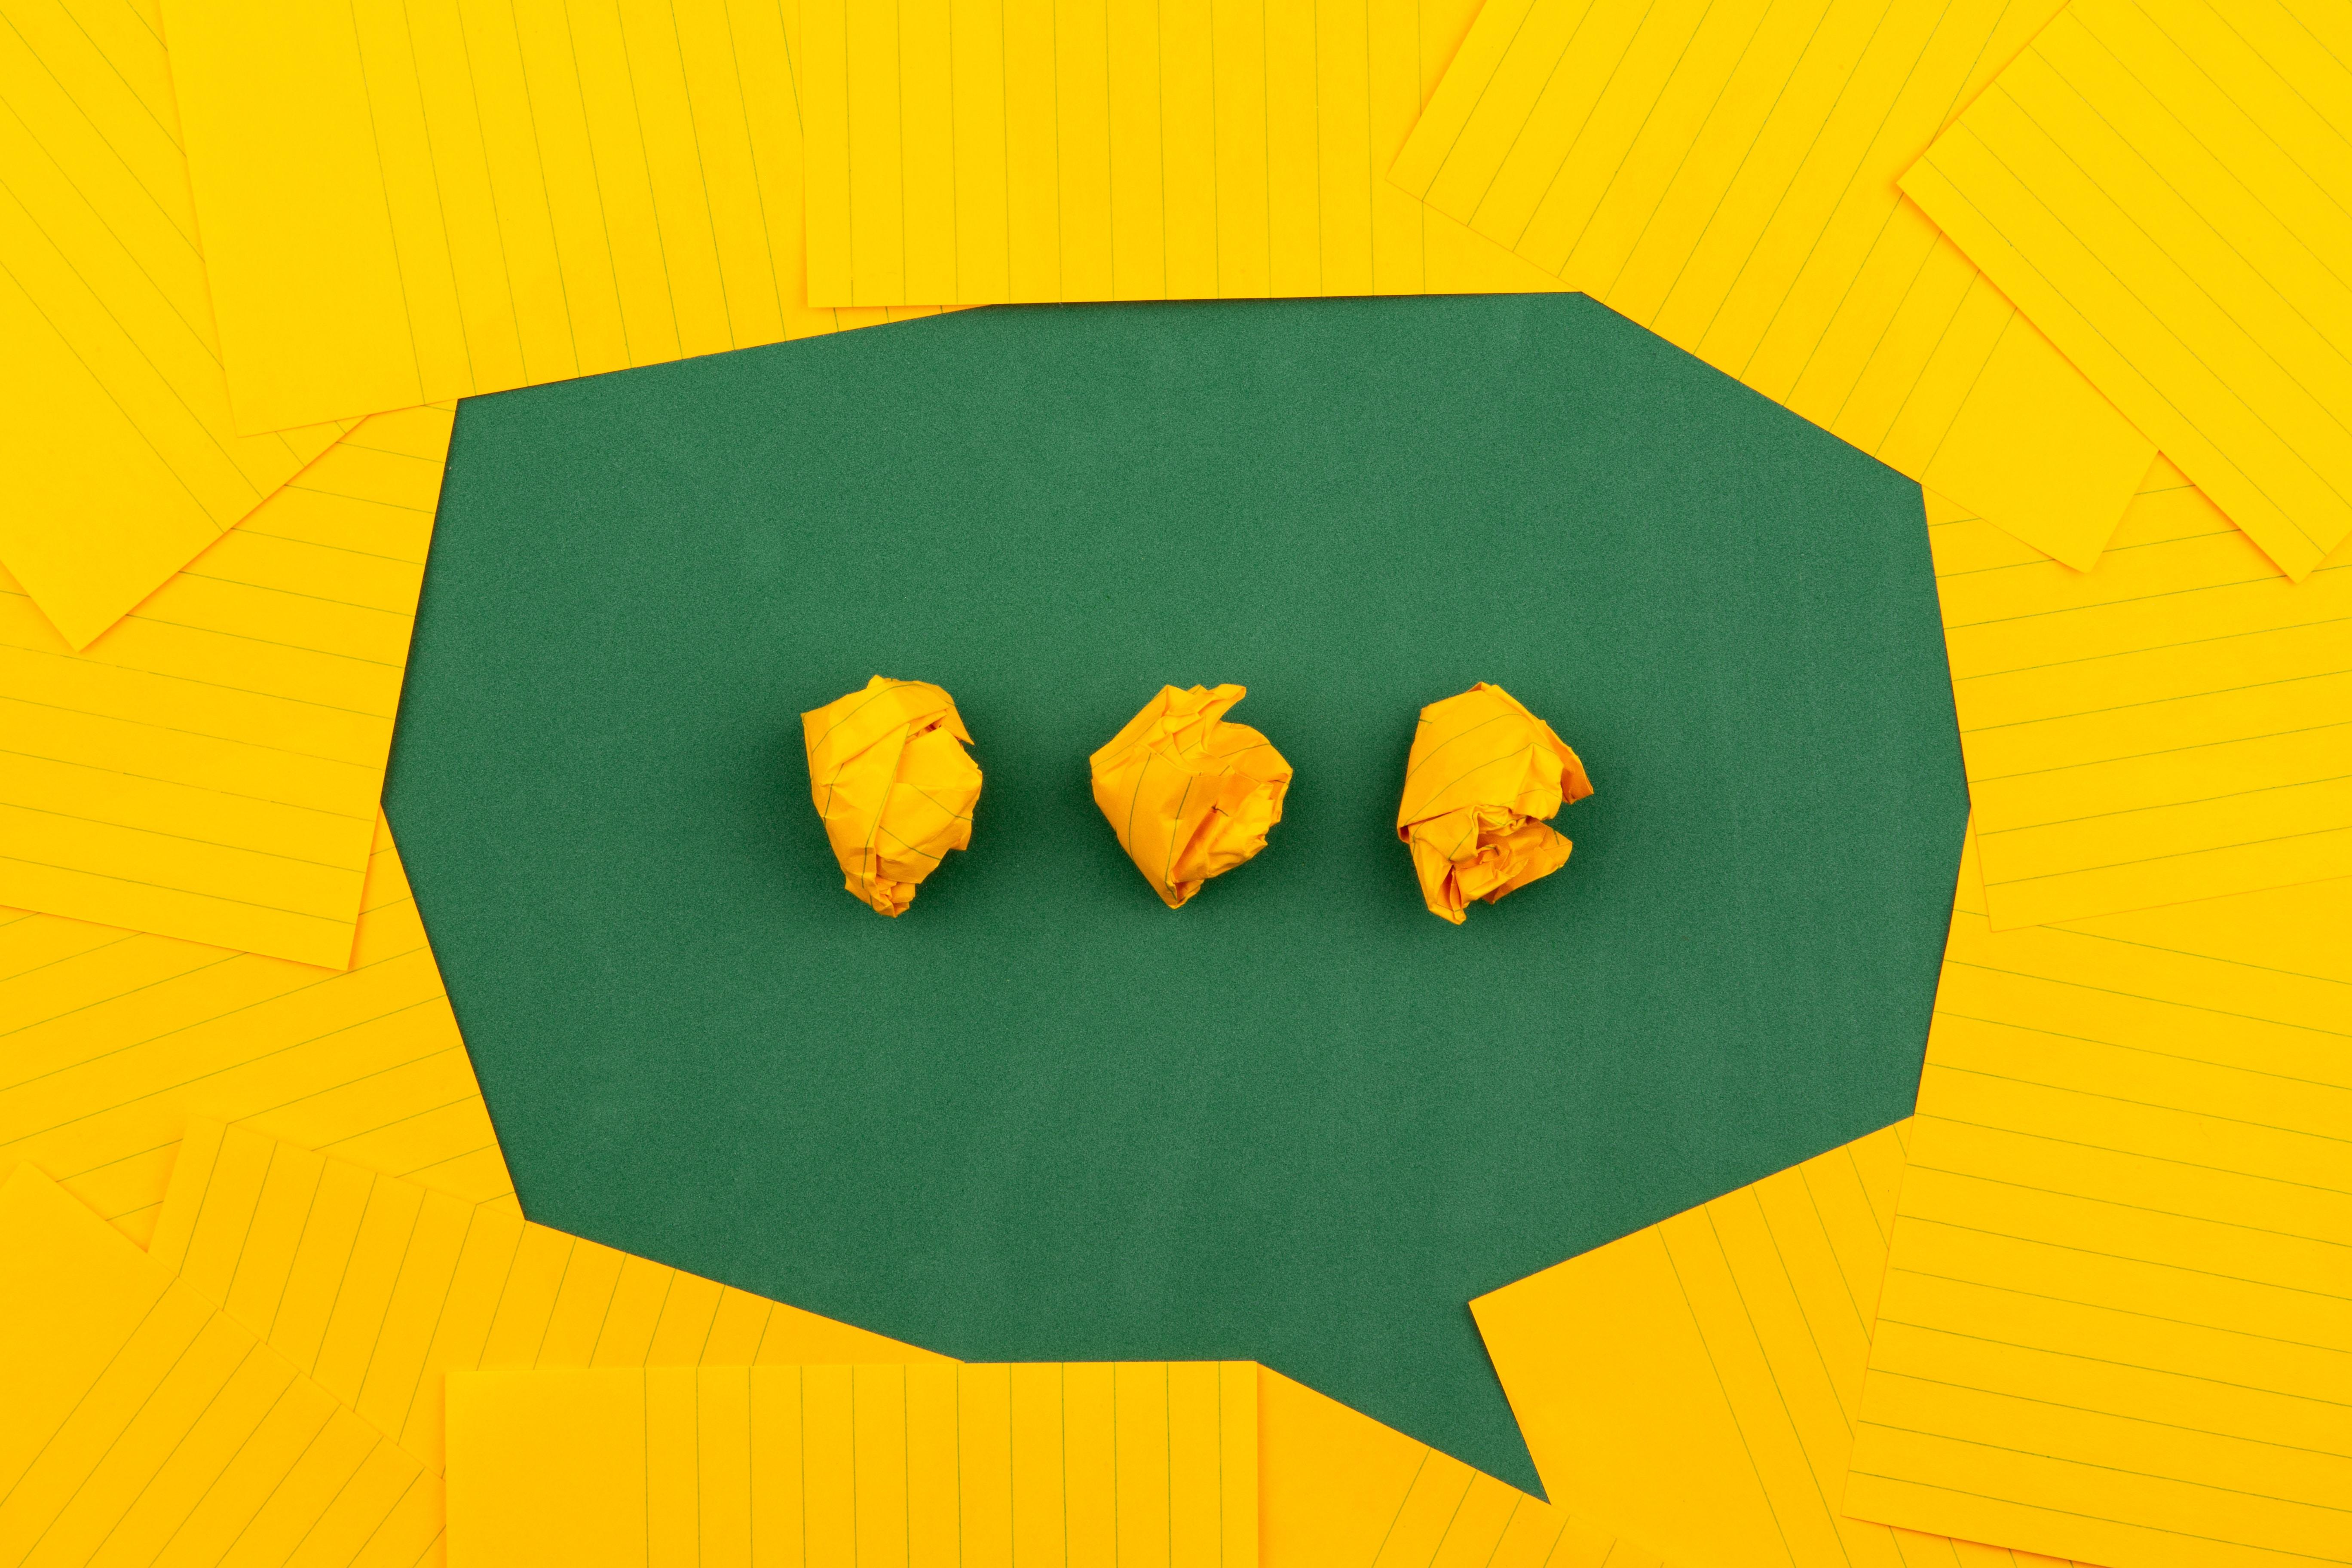 Icona di una chat in attesa di un messaggio